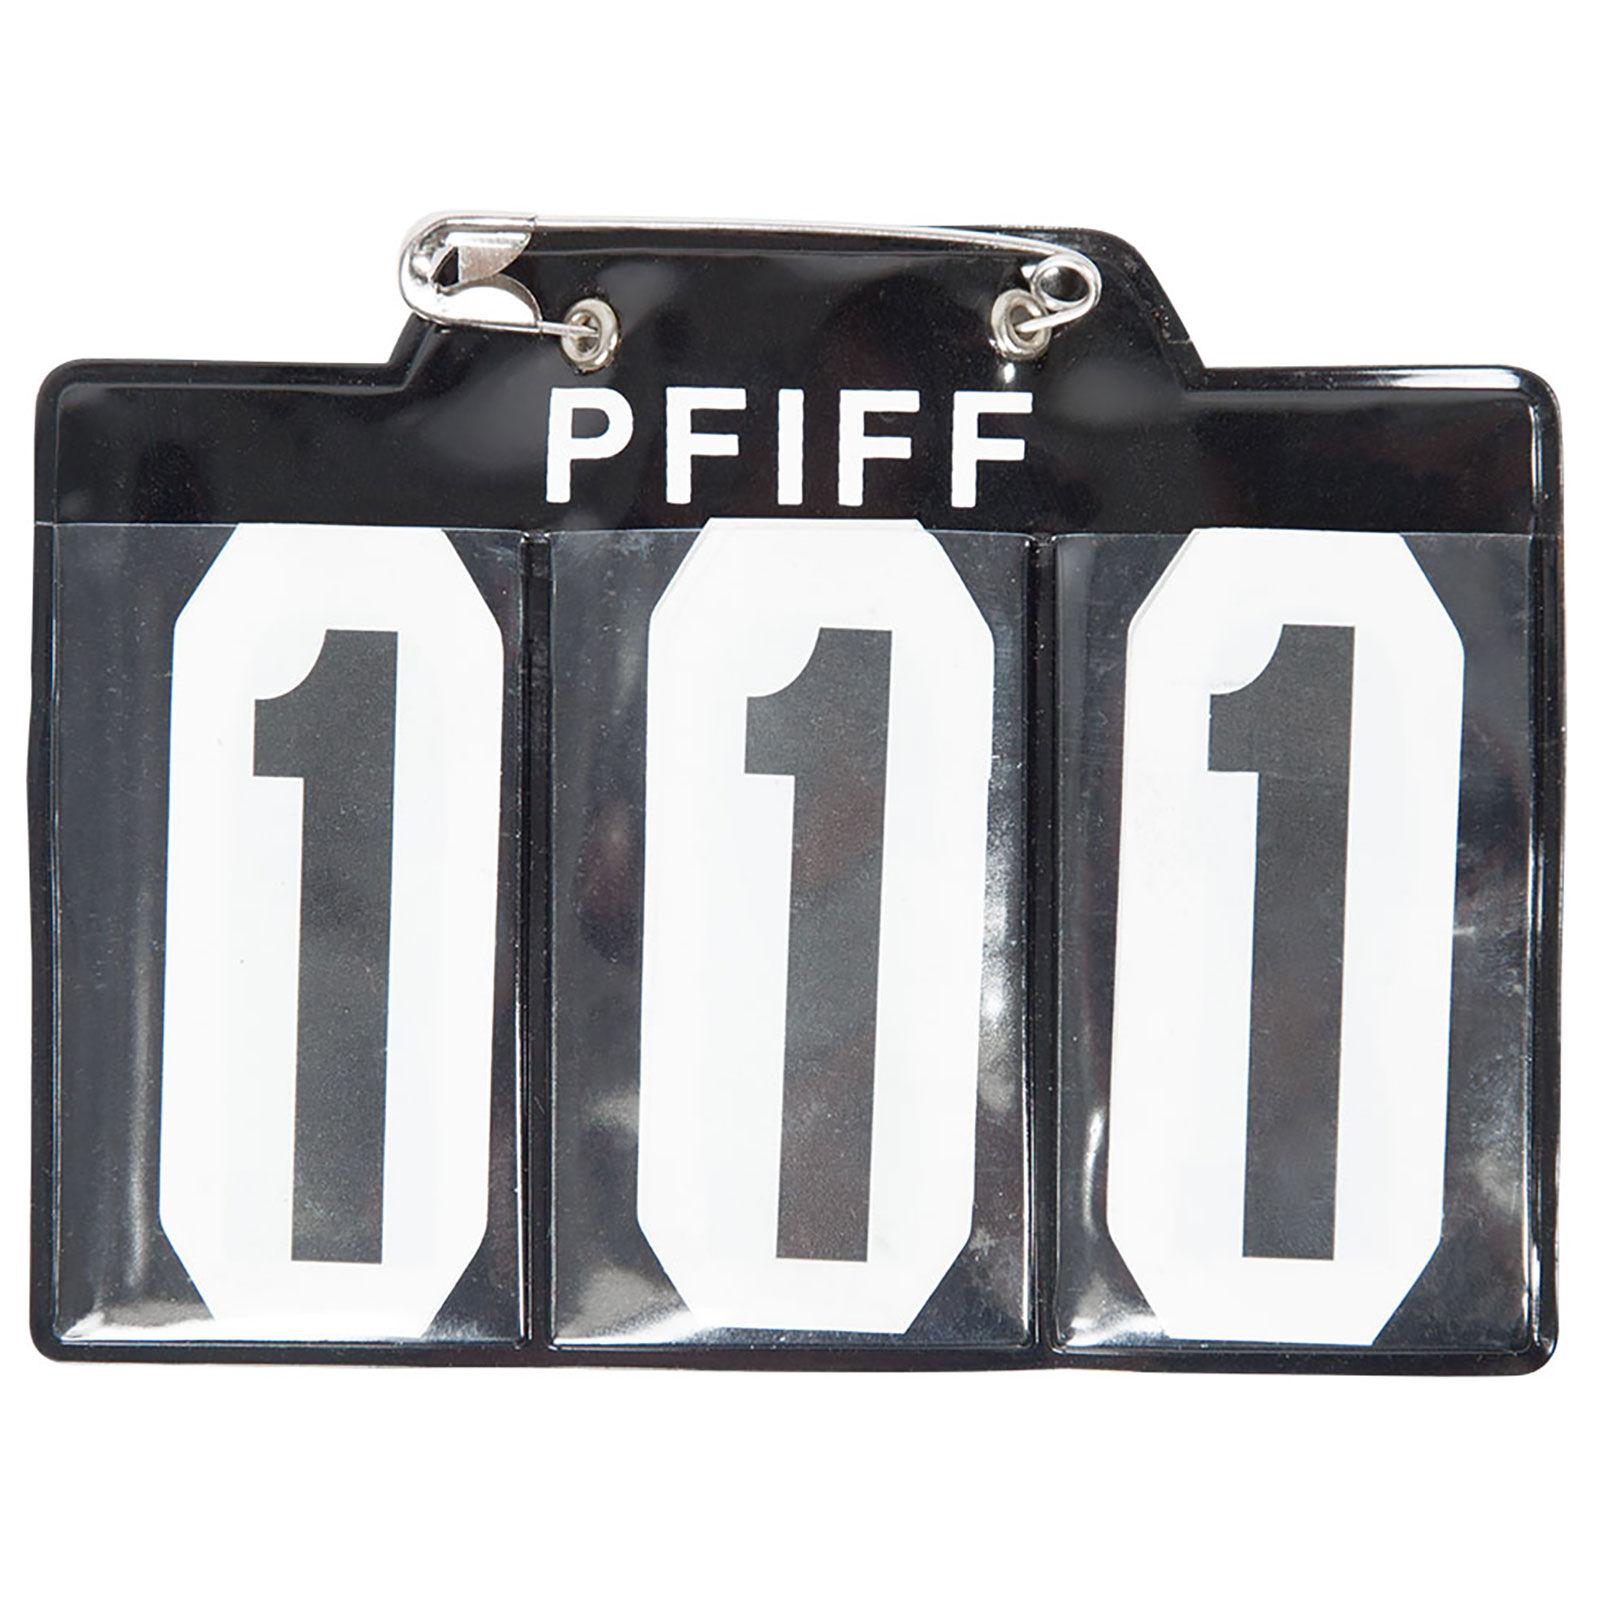 PFIFF